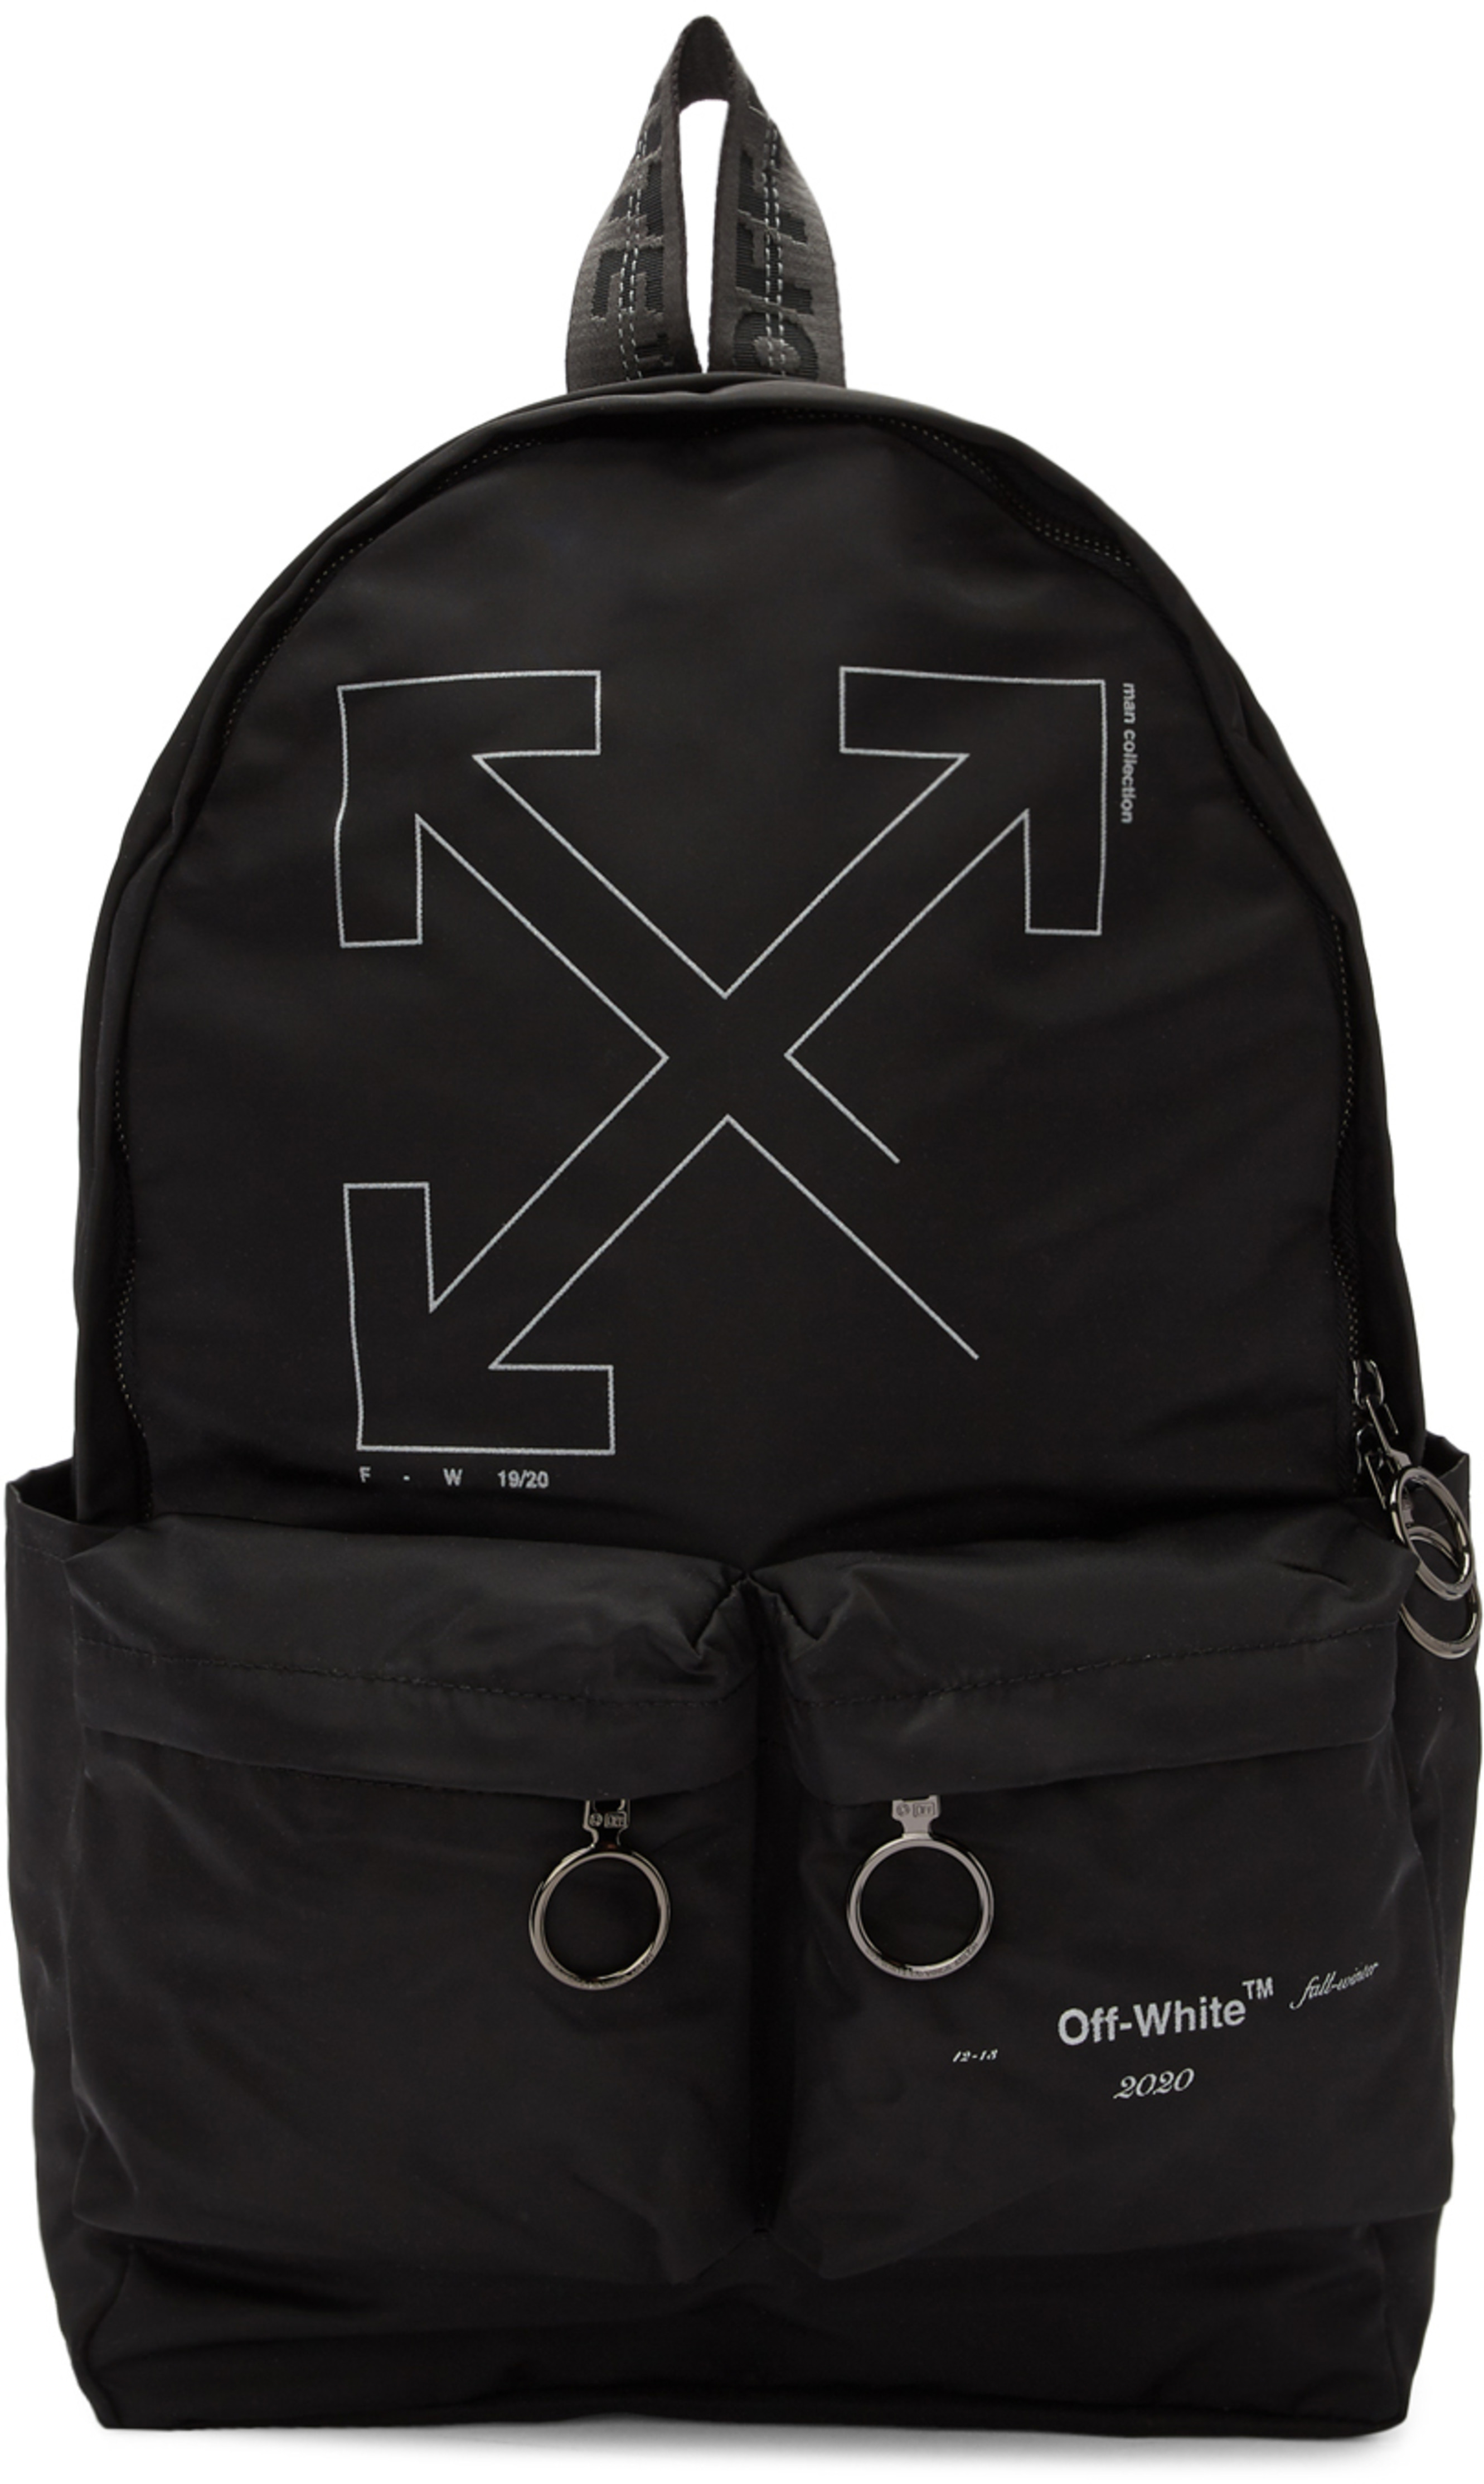 068a05f5cdf73 Designer bags for Women